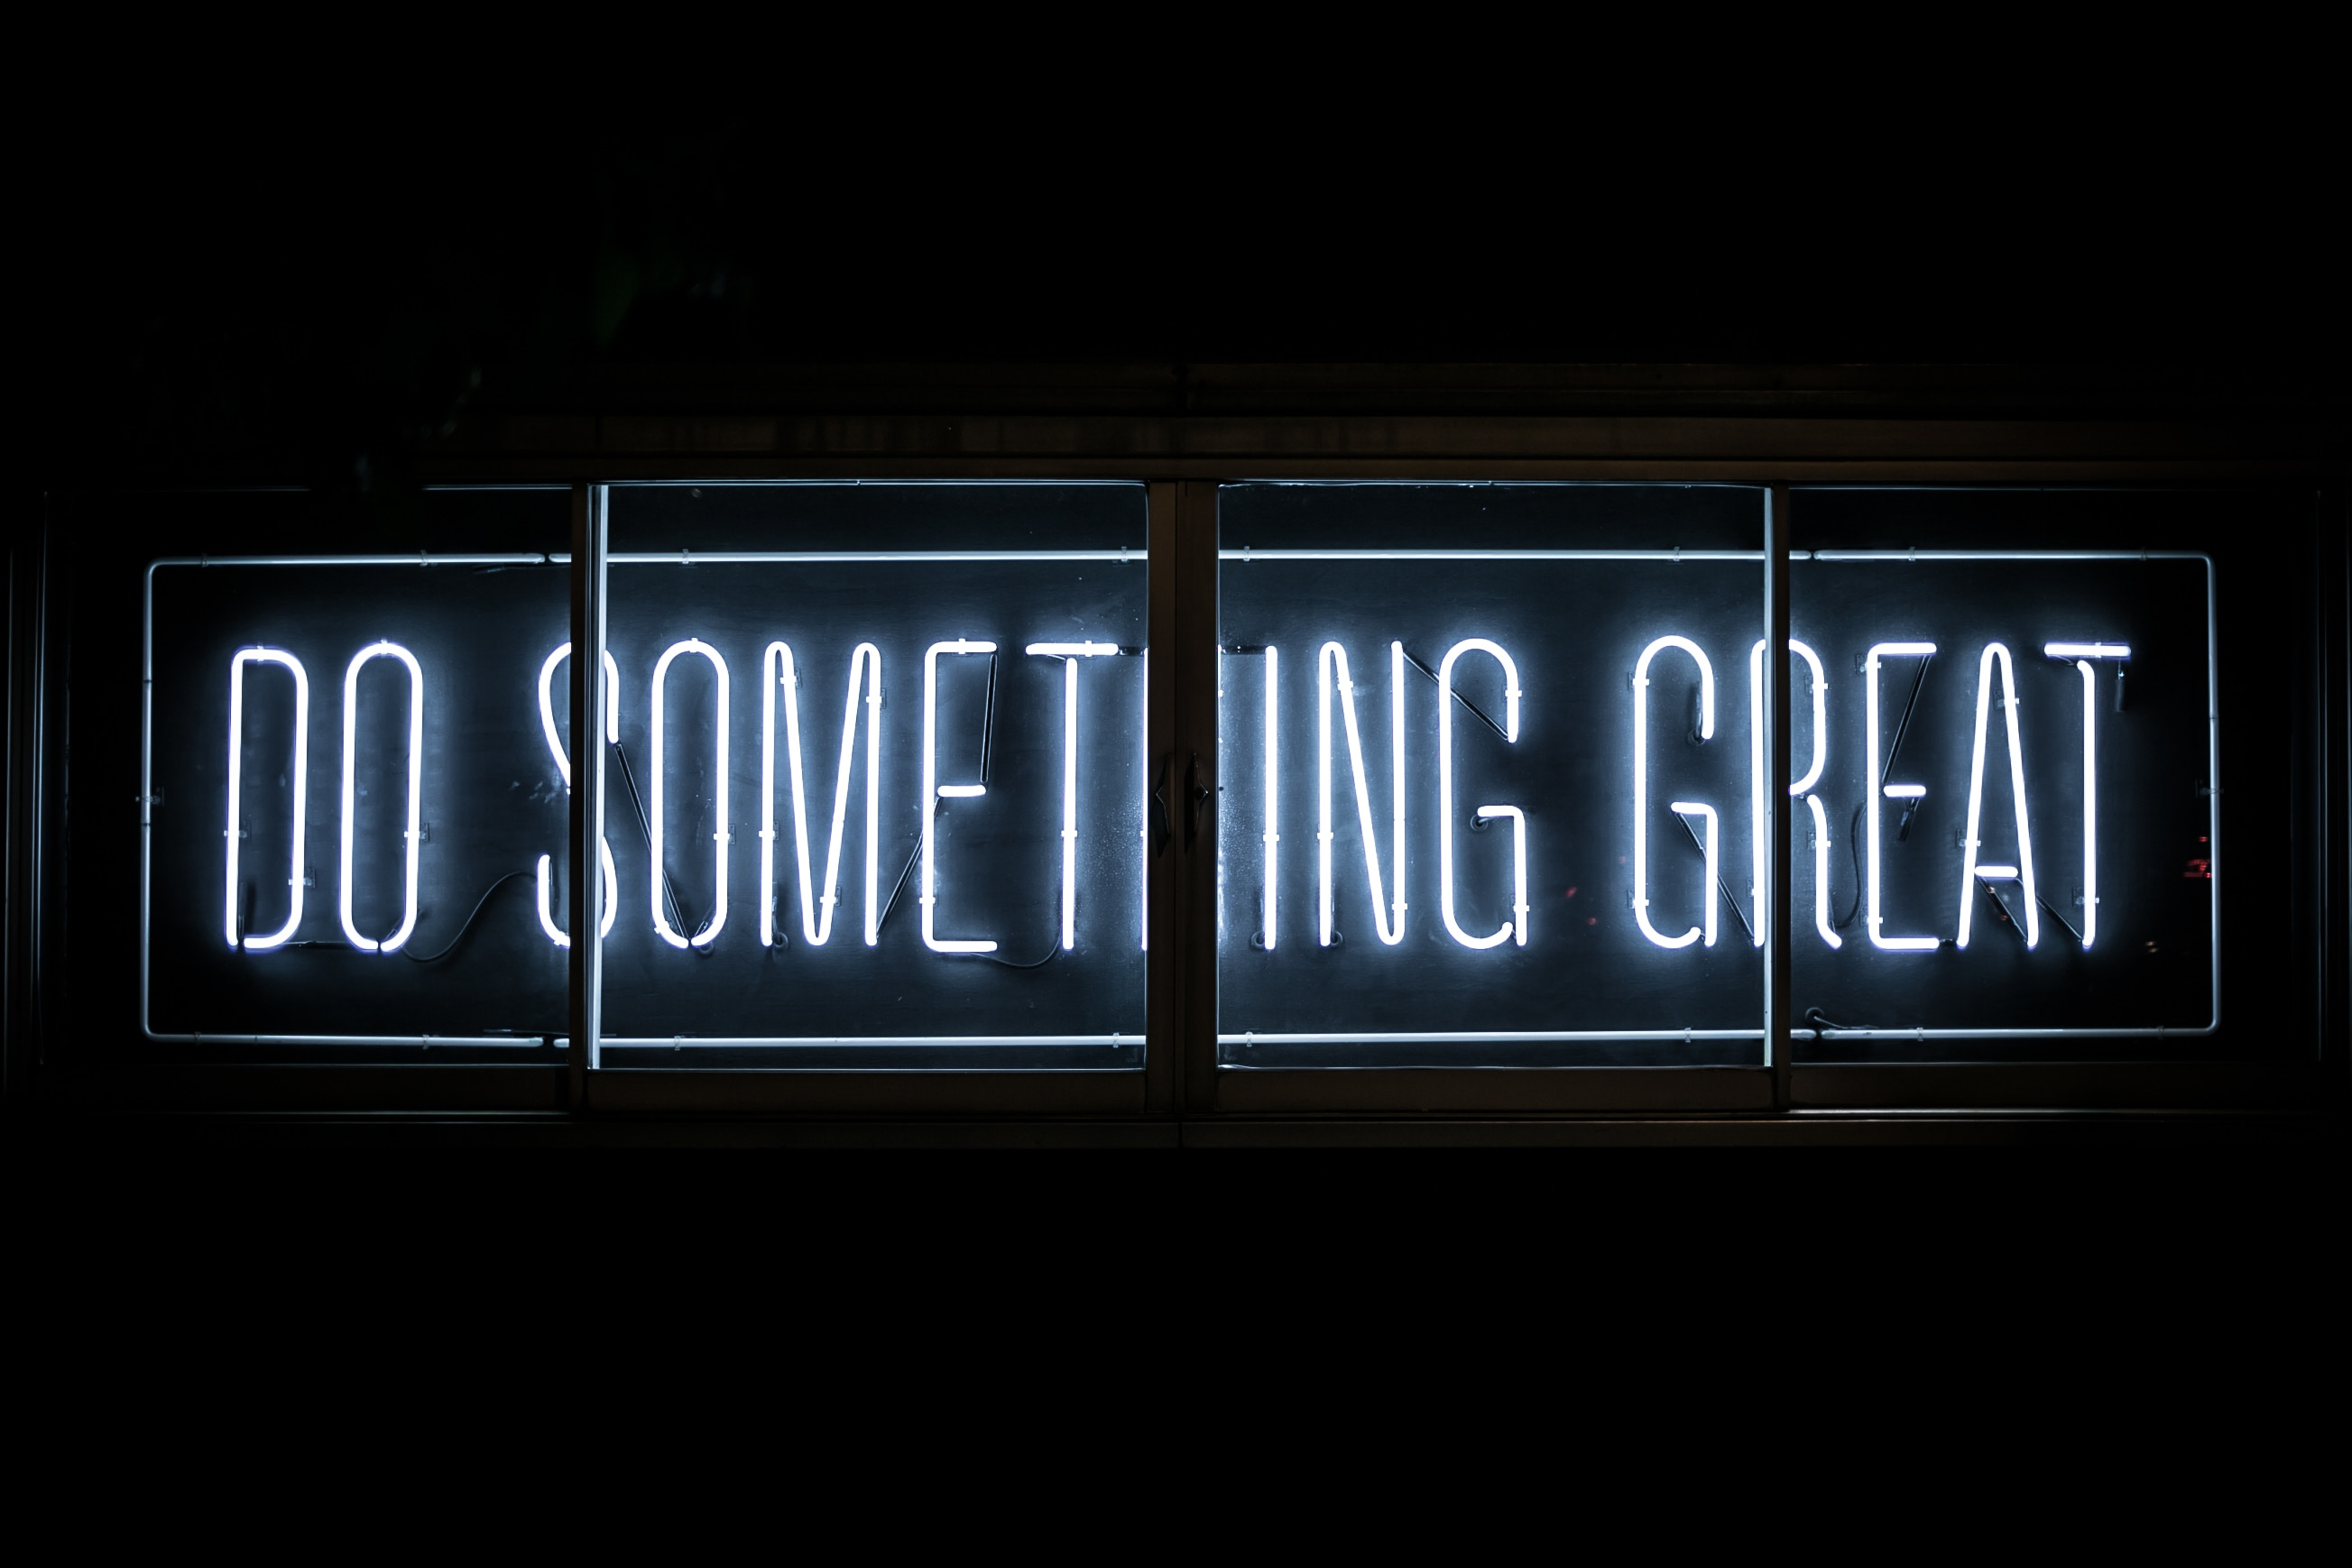 Haz algo grande